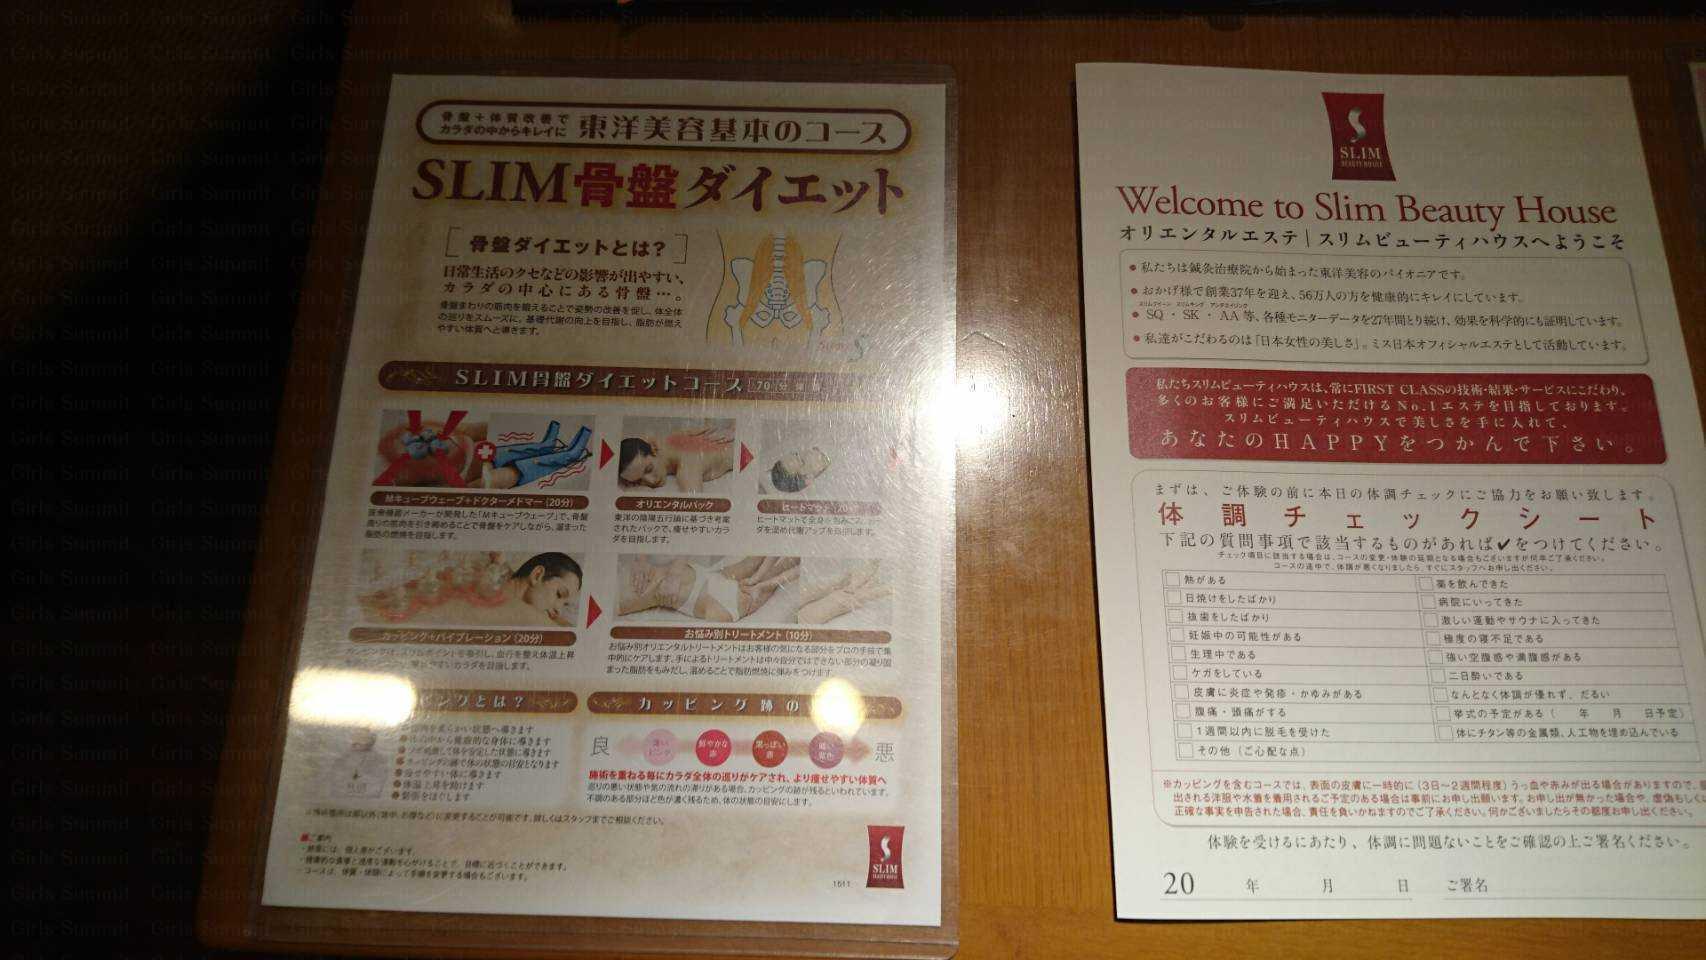 スリムビューティーハウス岐阜シティ・タワー43店